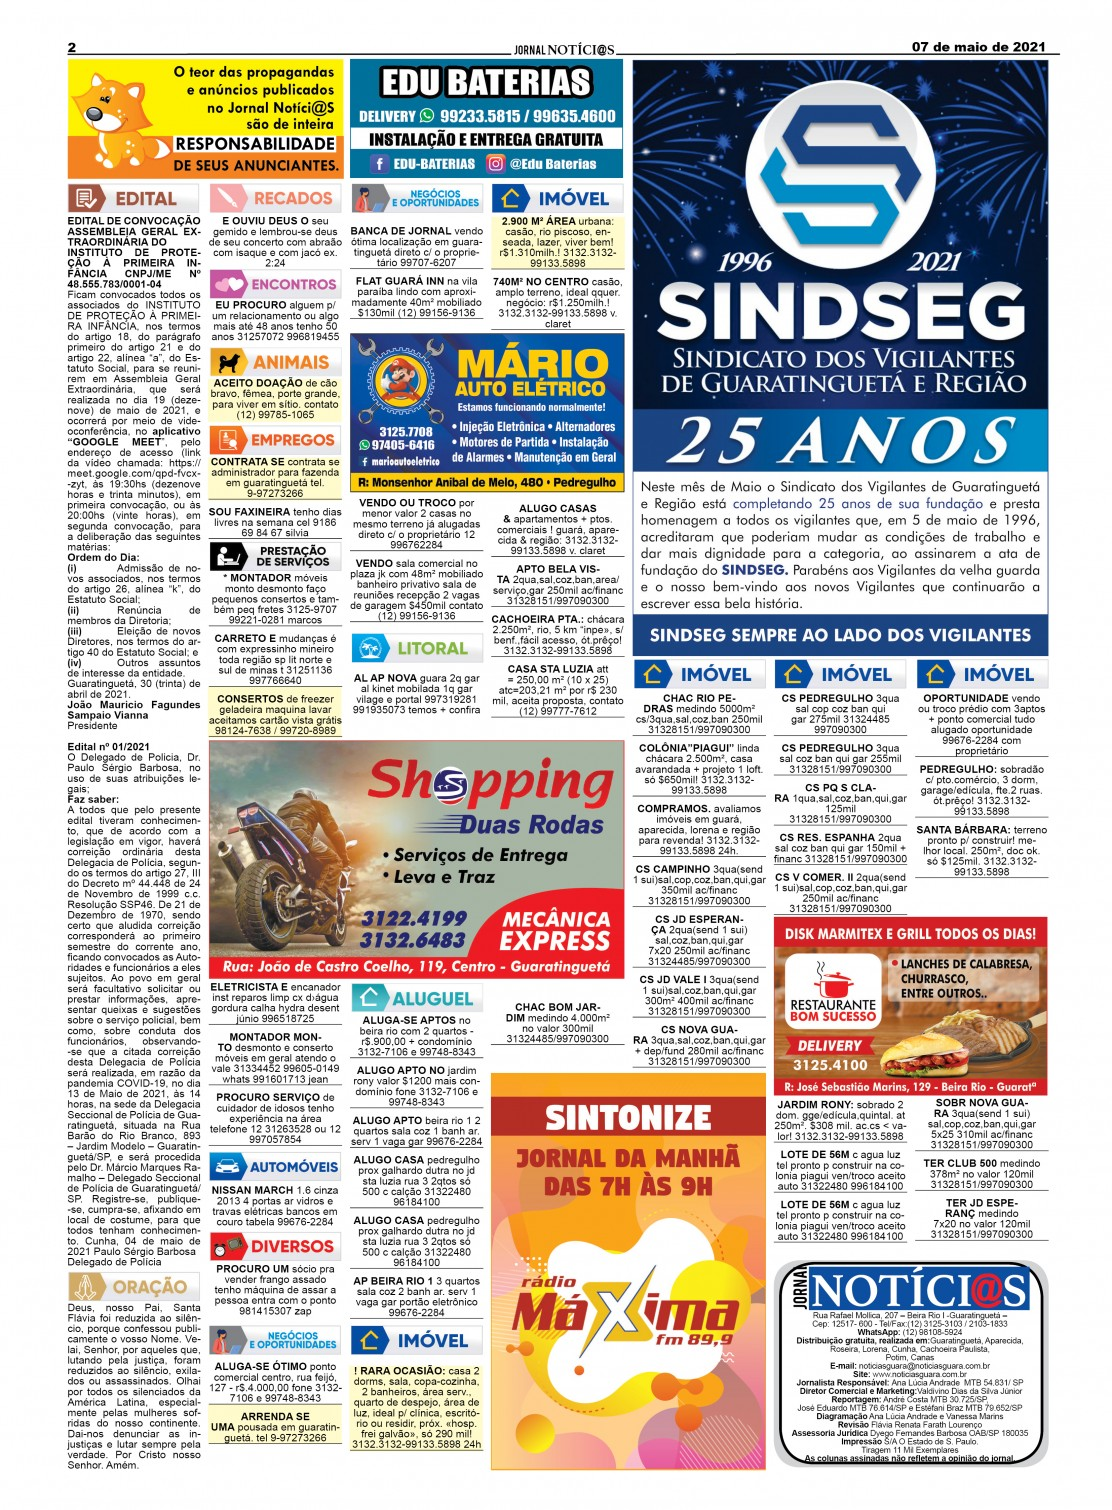 Edição nº1255 do Jornal pagina 1255